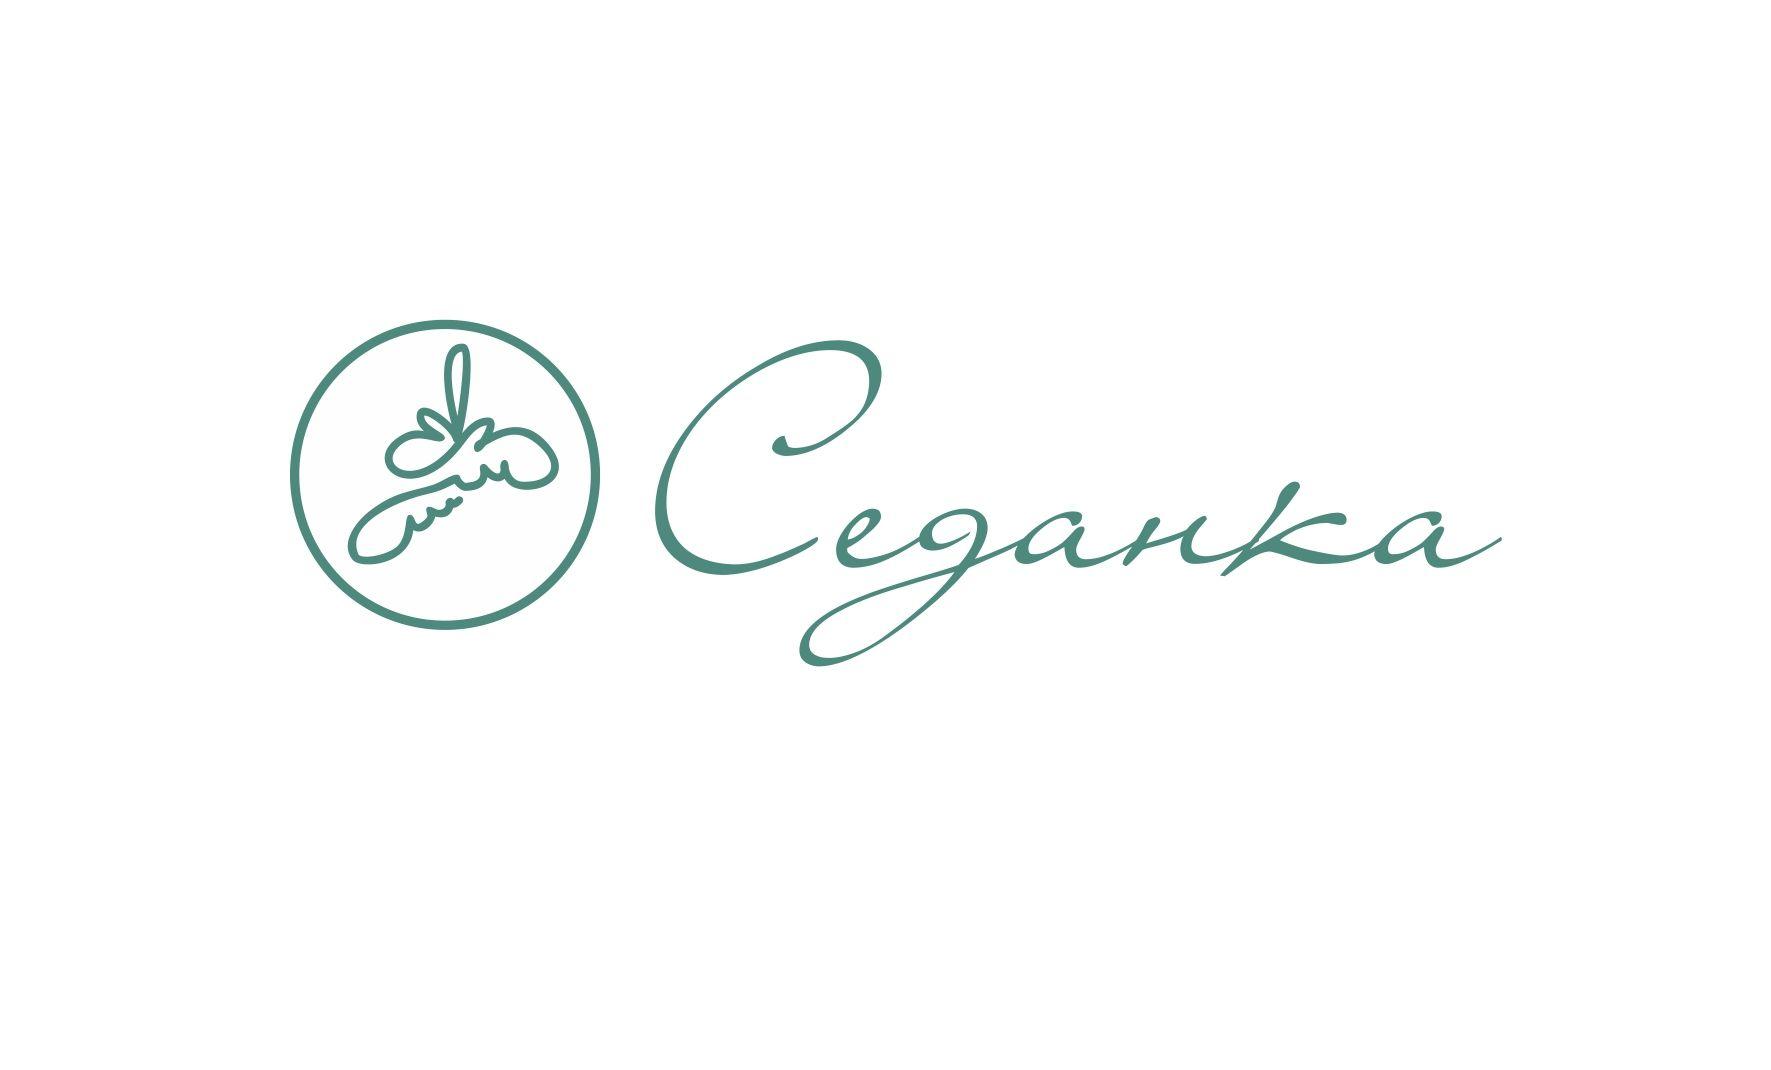 Логотип для центра отдыха - дизайнер Bes55ter